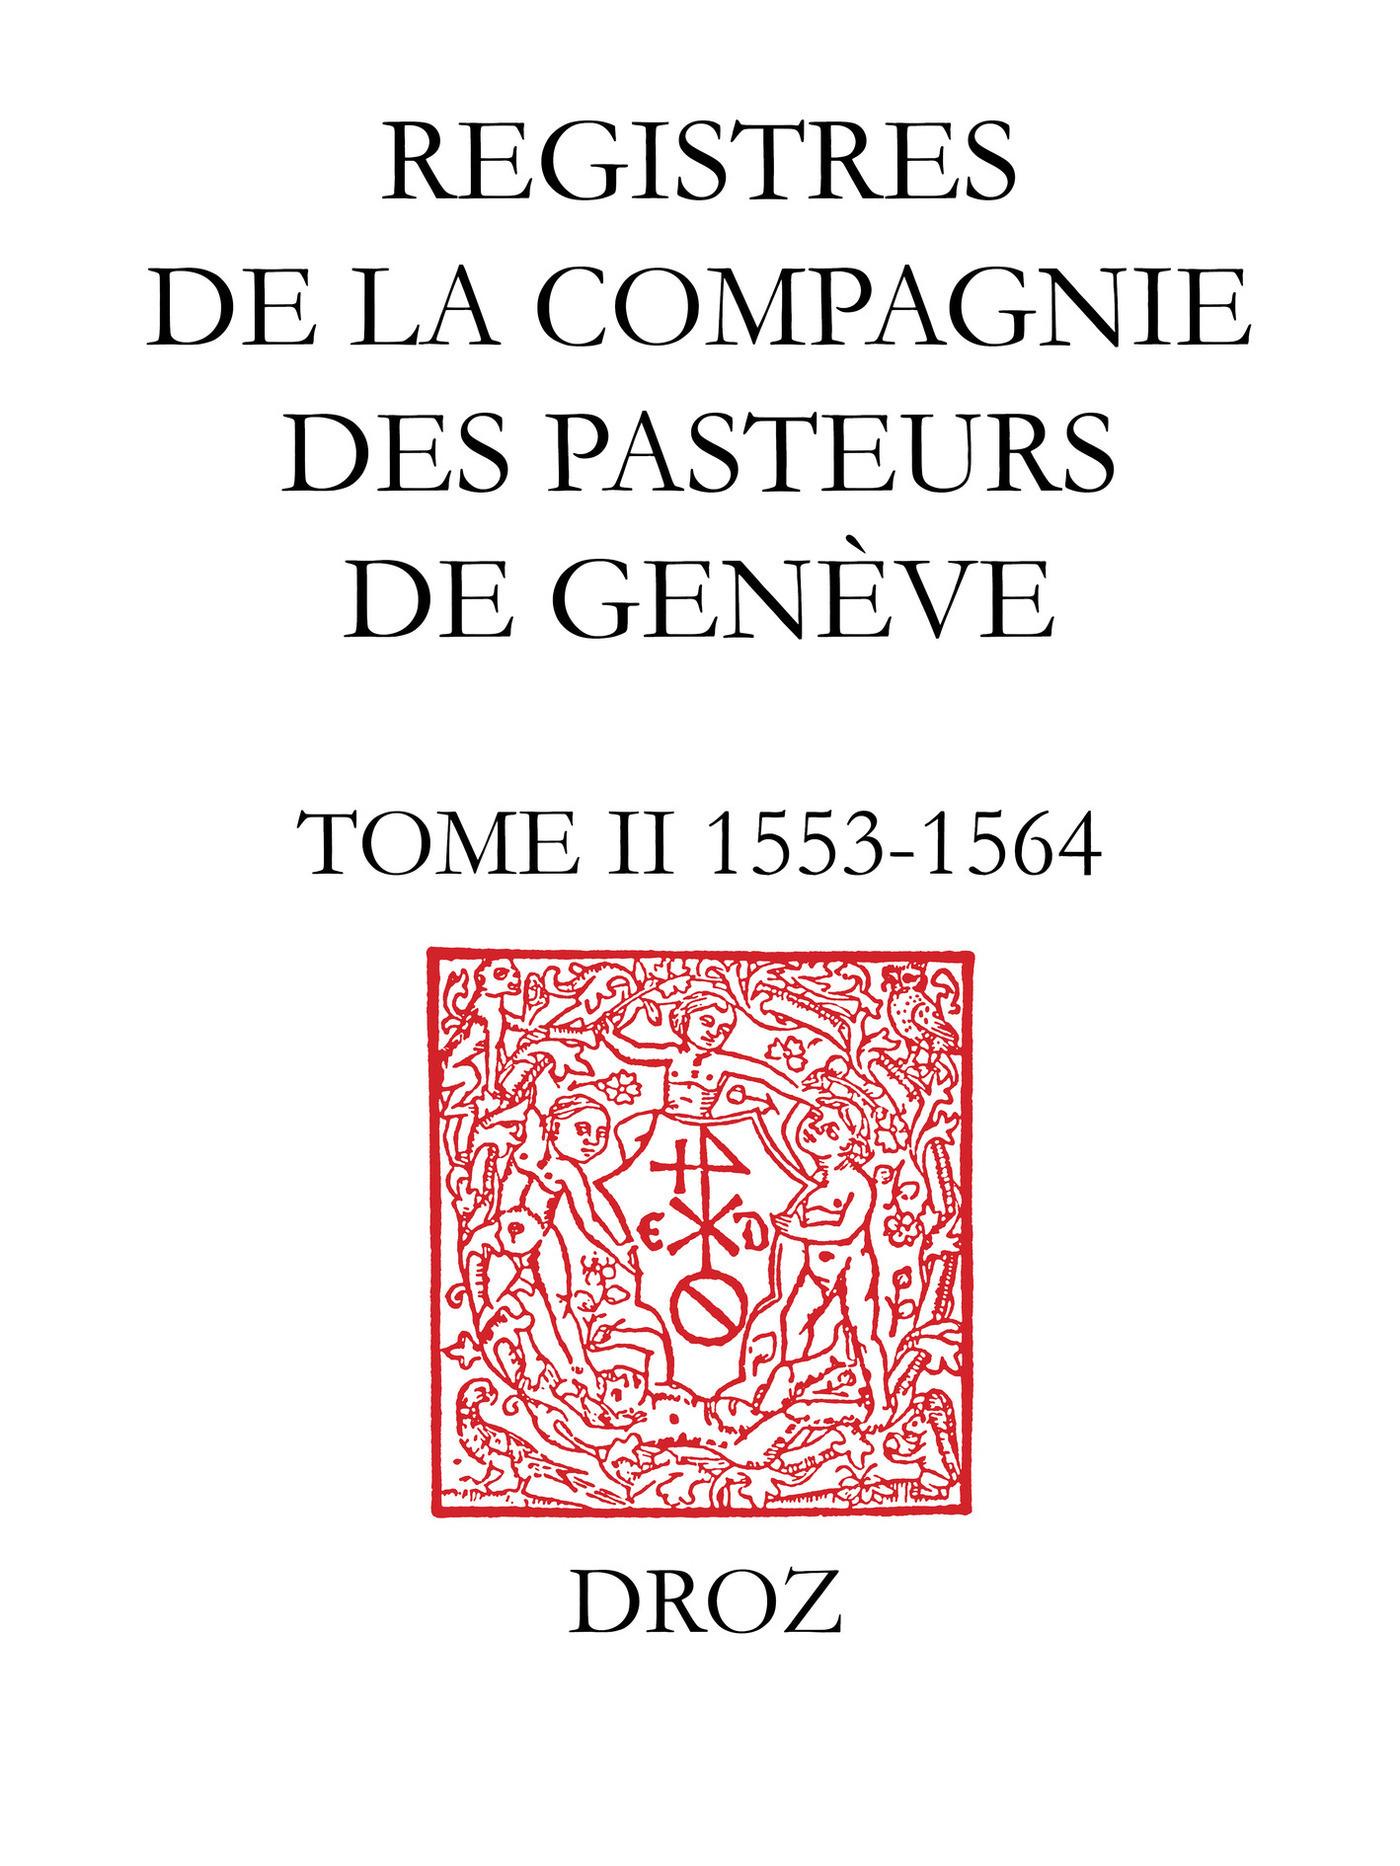 Registres de la Compagnie des pasteurs de Genève au temps de Calvin  - Robert M. Kingdon  - Alain Dufour  - Jean-François Bergier